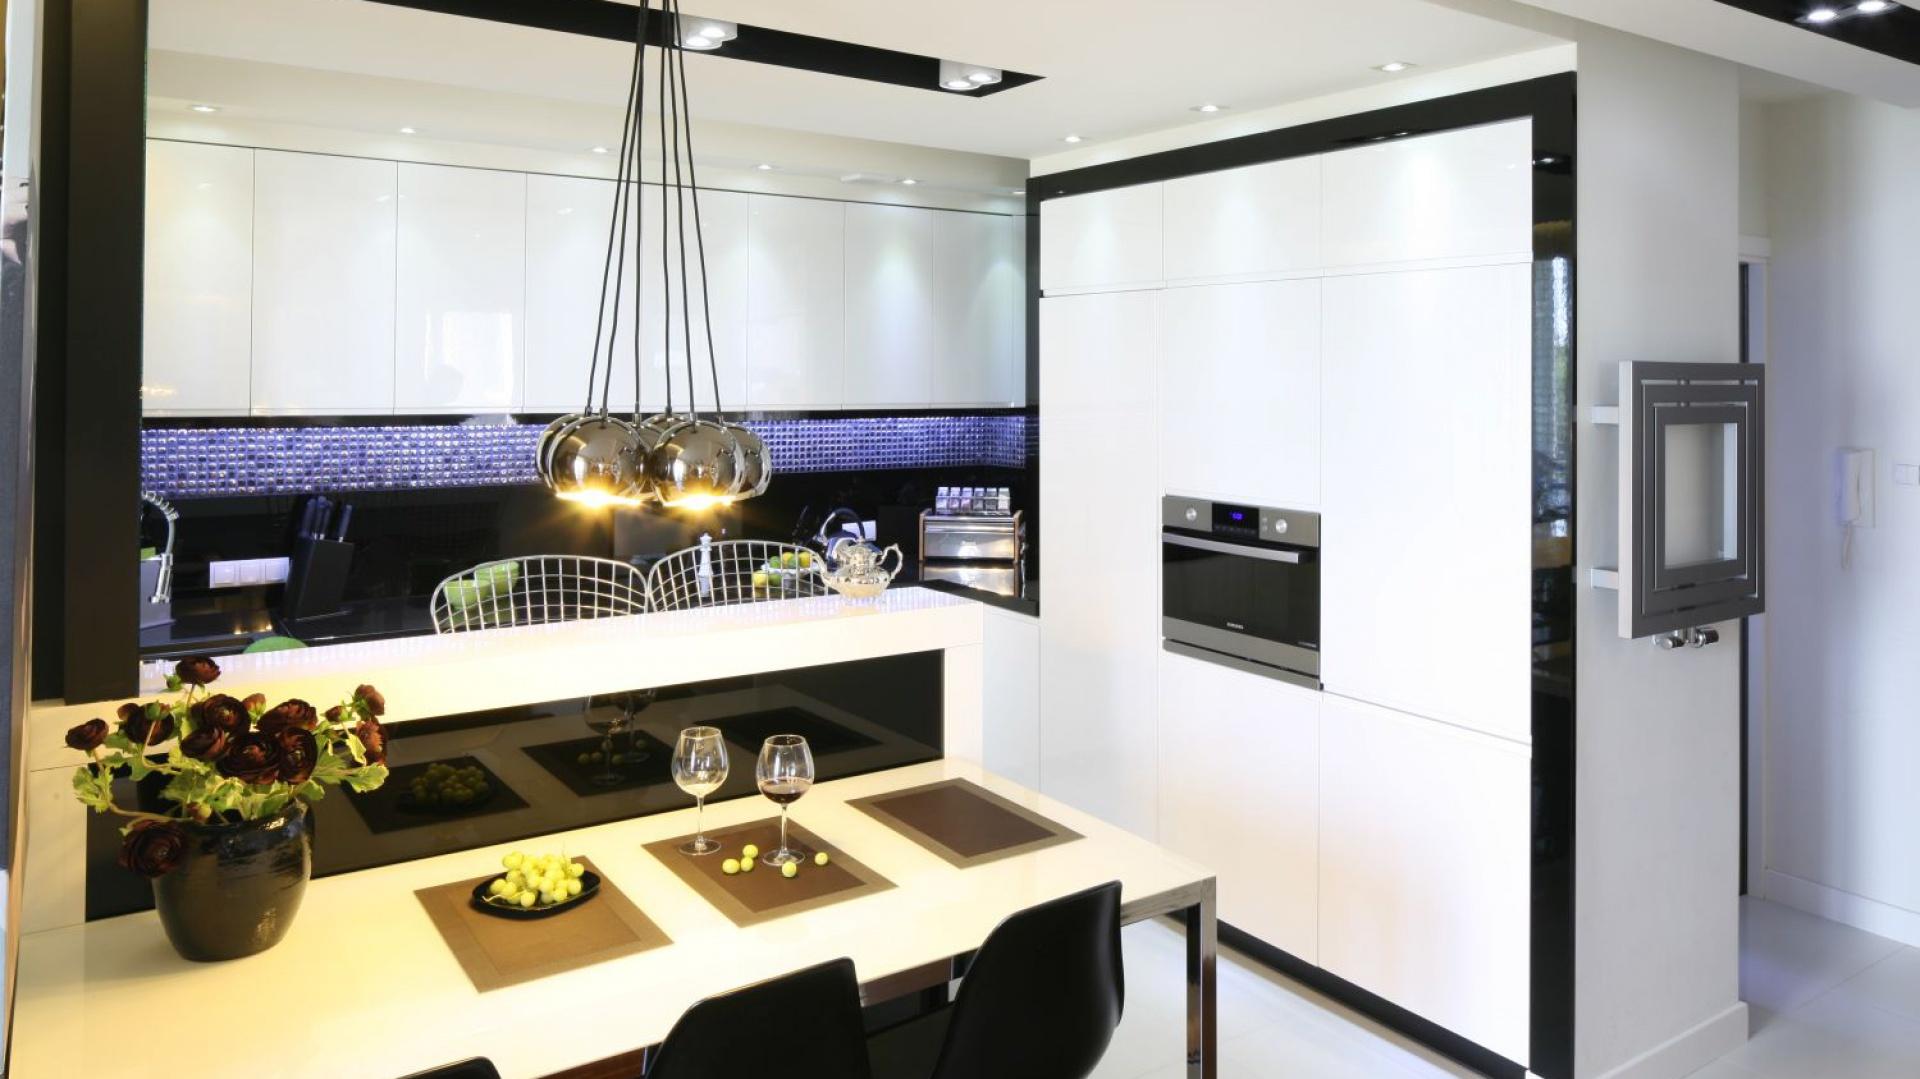 W tej nowoczesnej kuchni z nutką glamouru półwysep stanowi bazę do urządzenia stołu jadalnianego, ustawionego po jego zewnętrznej stronie. Czarno-białe wykończenie mebla nadaje mu elegancki wyraz. Projekt: Małgorzata Mazur. Fot. Bartosz Jarosz.